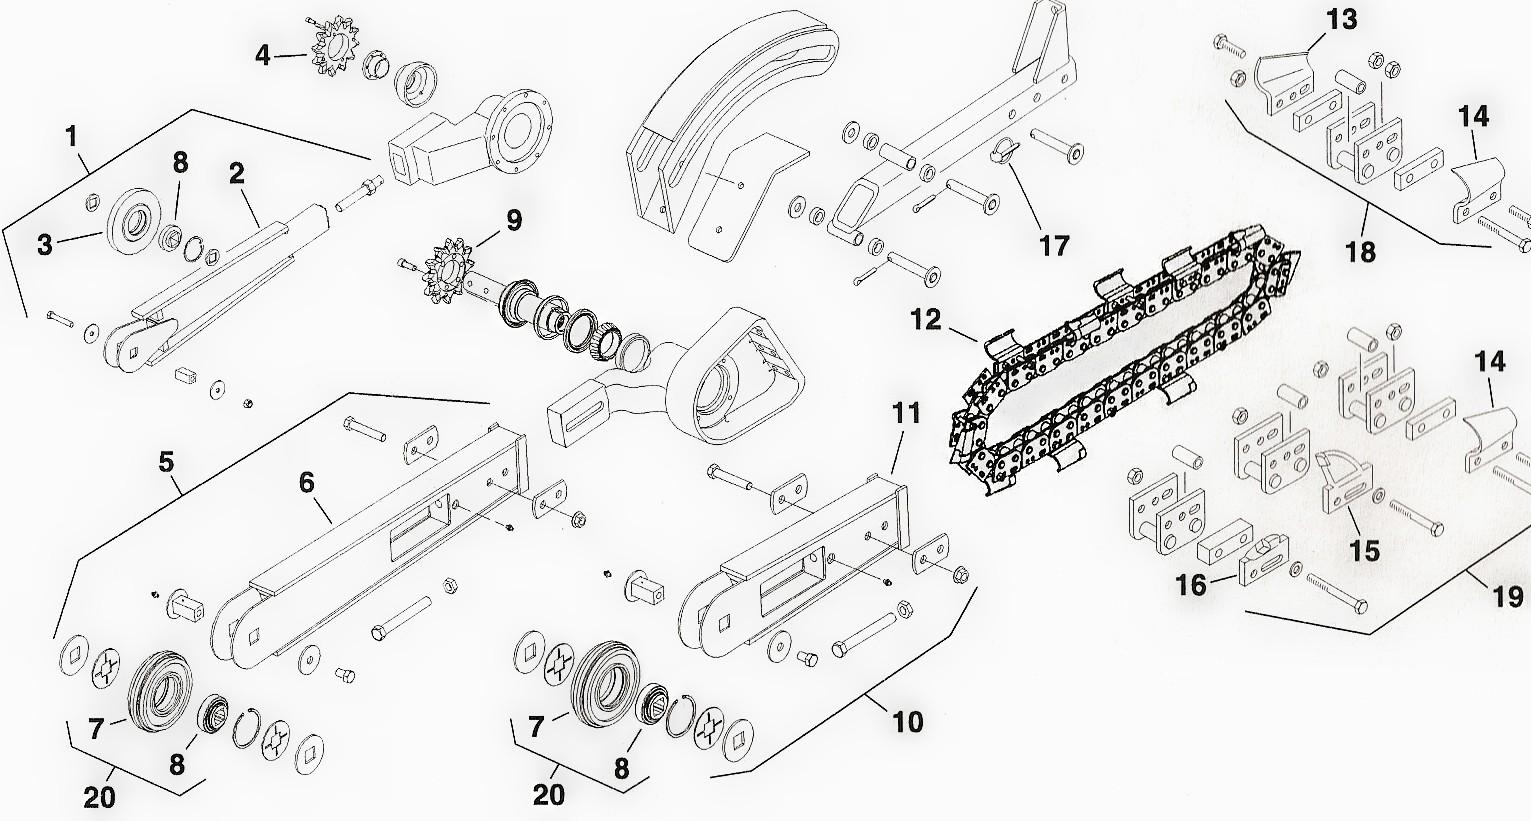 Toro Dingo Trencher Attachment Parts Toro Trench Filler